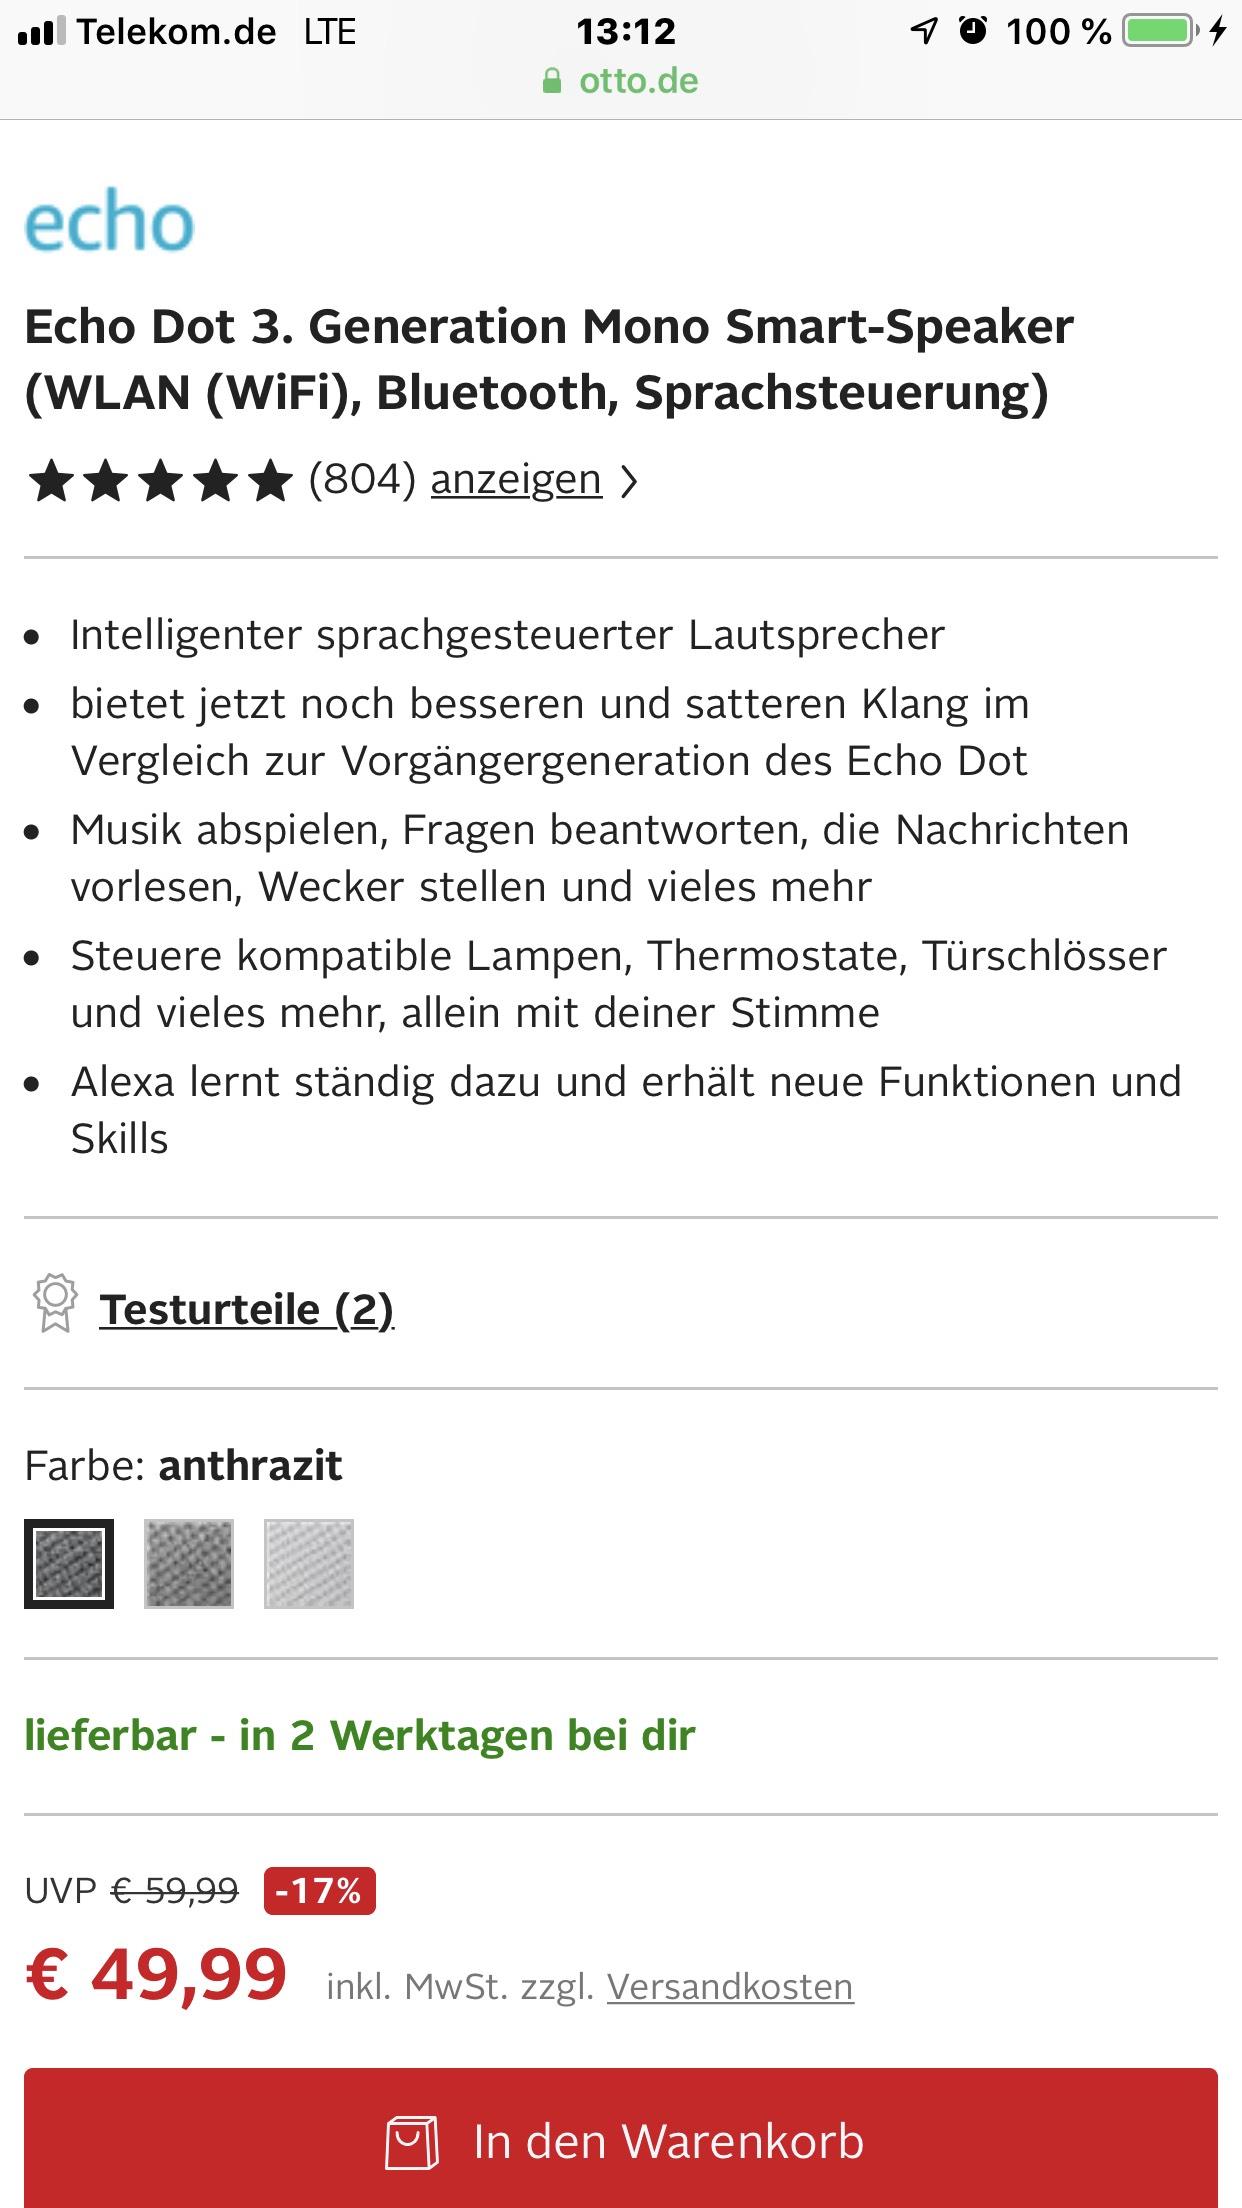 Echo Dot 3 für 49,95€ zzgl. VSK bei Otto